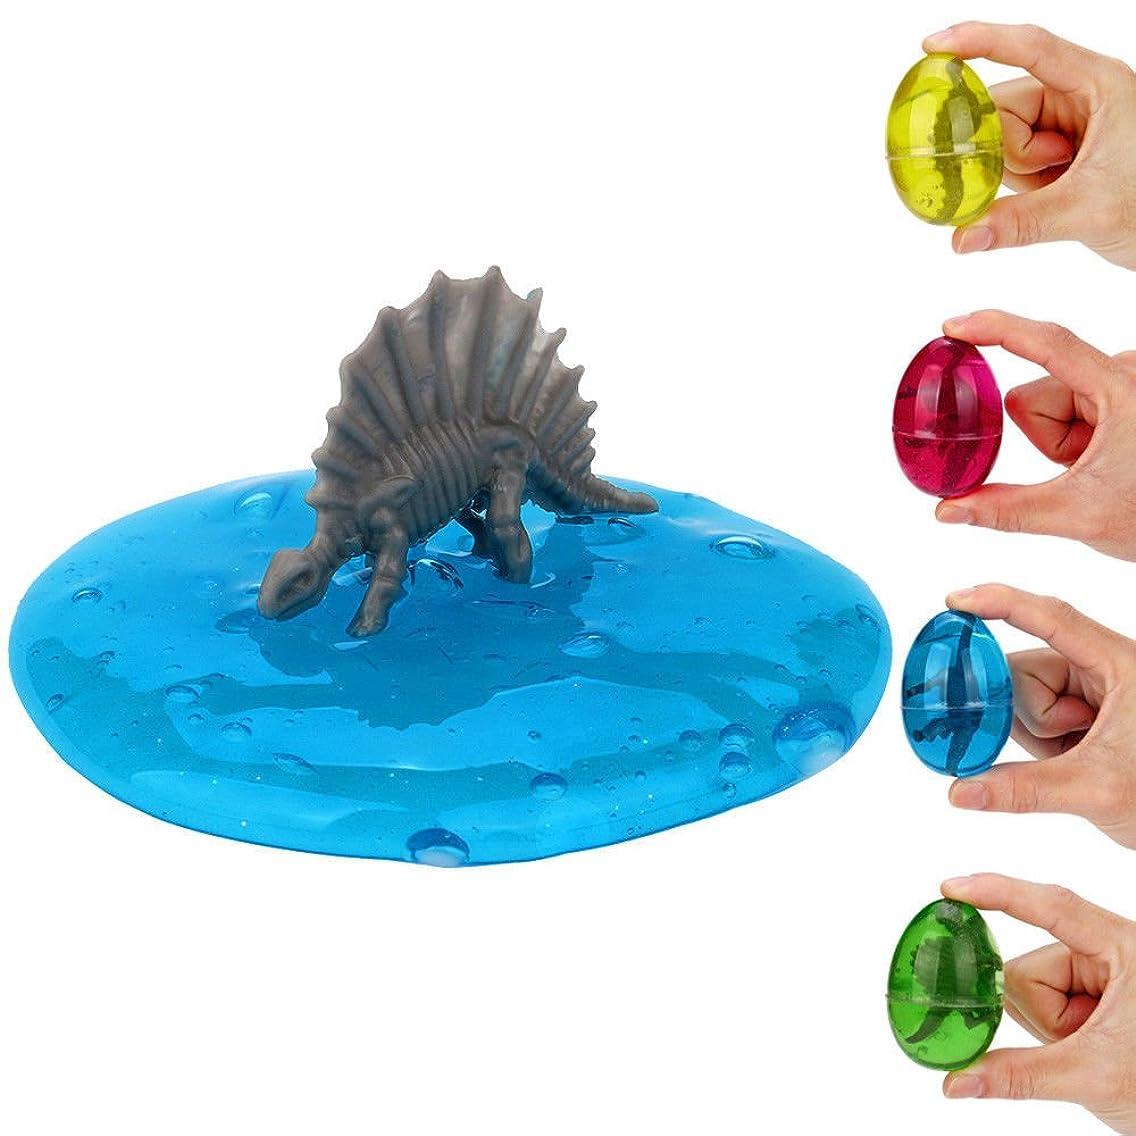 キルス嬉しいですヤギSWZY 水晶粘土 スライム 恐竜の卵パテ、子供のための卵粘液クリスタルクレイ玩具香りストレスリリーフ玩具スラッジ玩具 無毒 4個入り(4色)